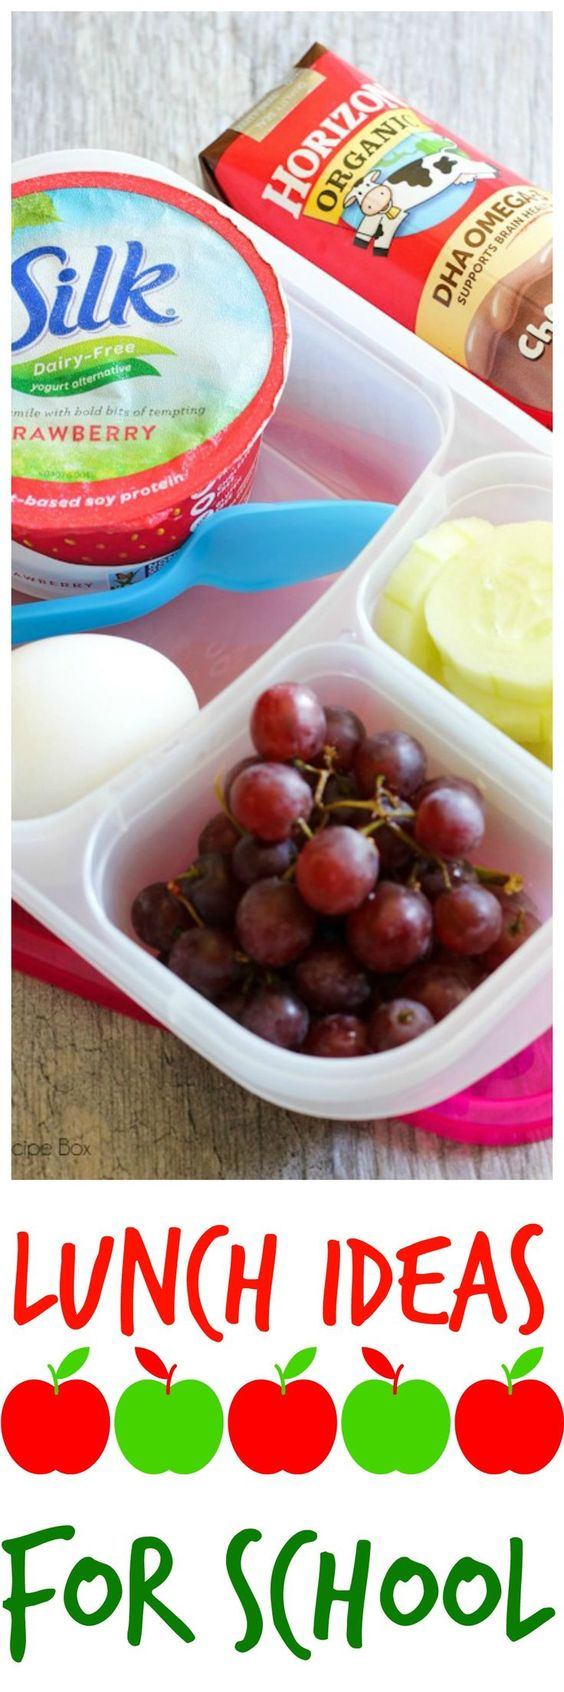 Lunchbox Ideas for School